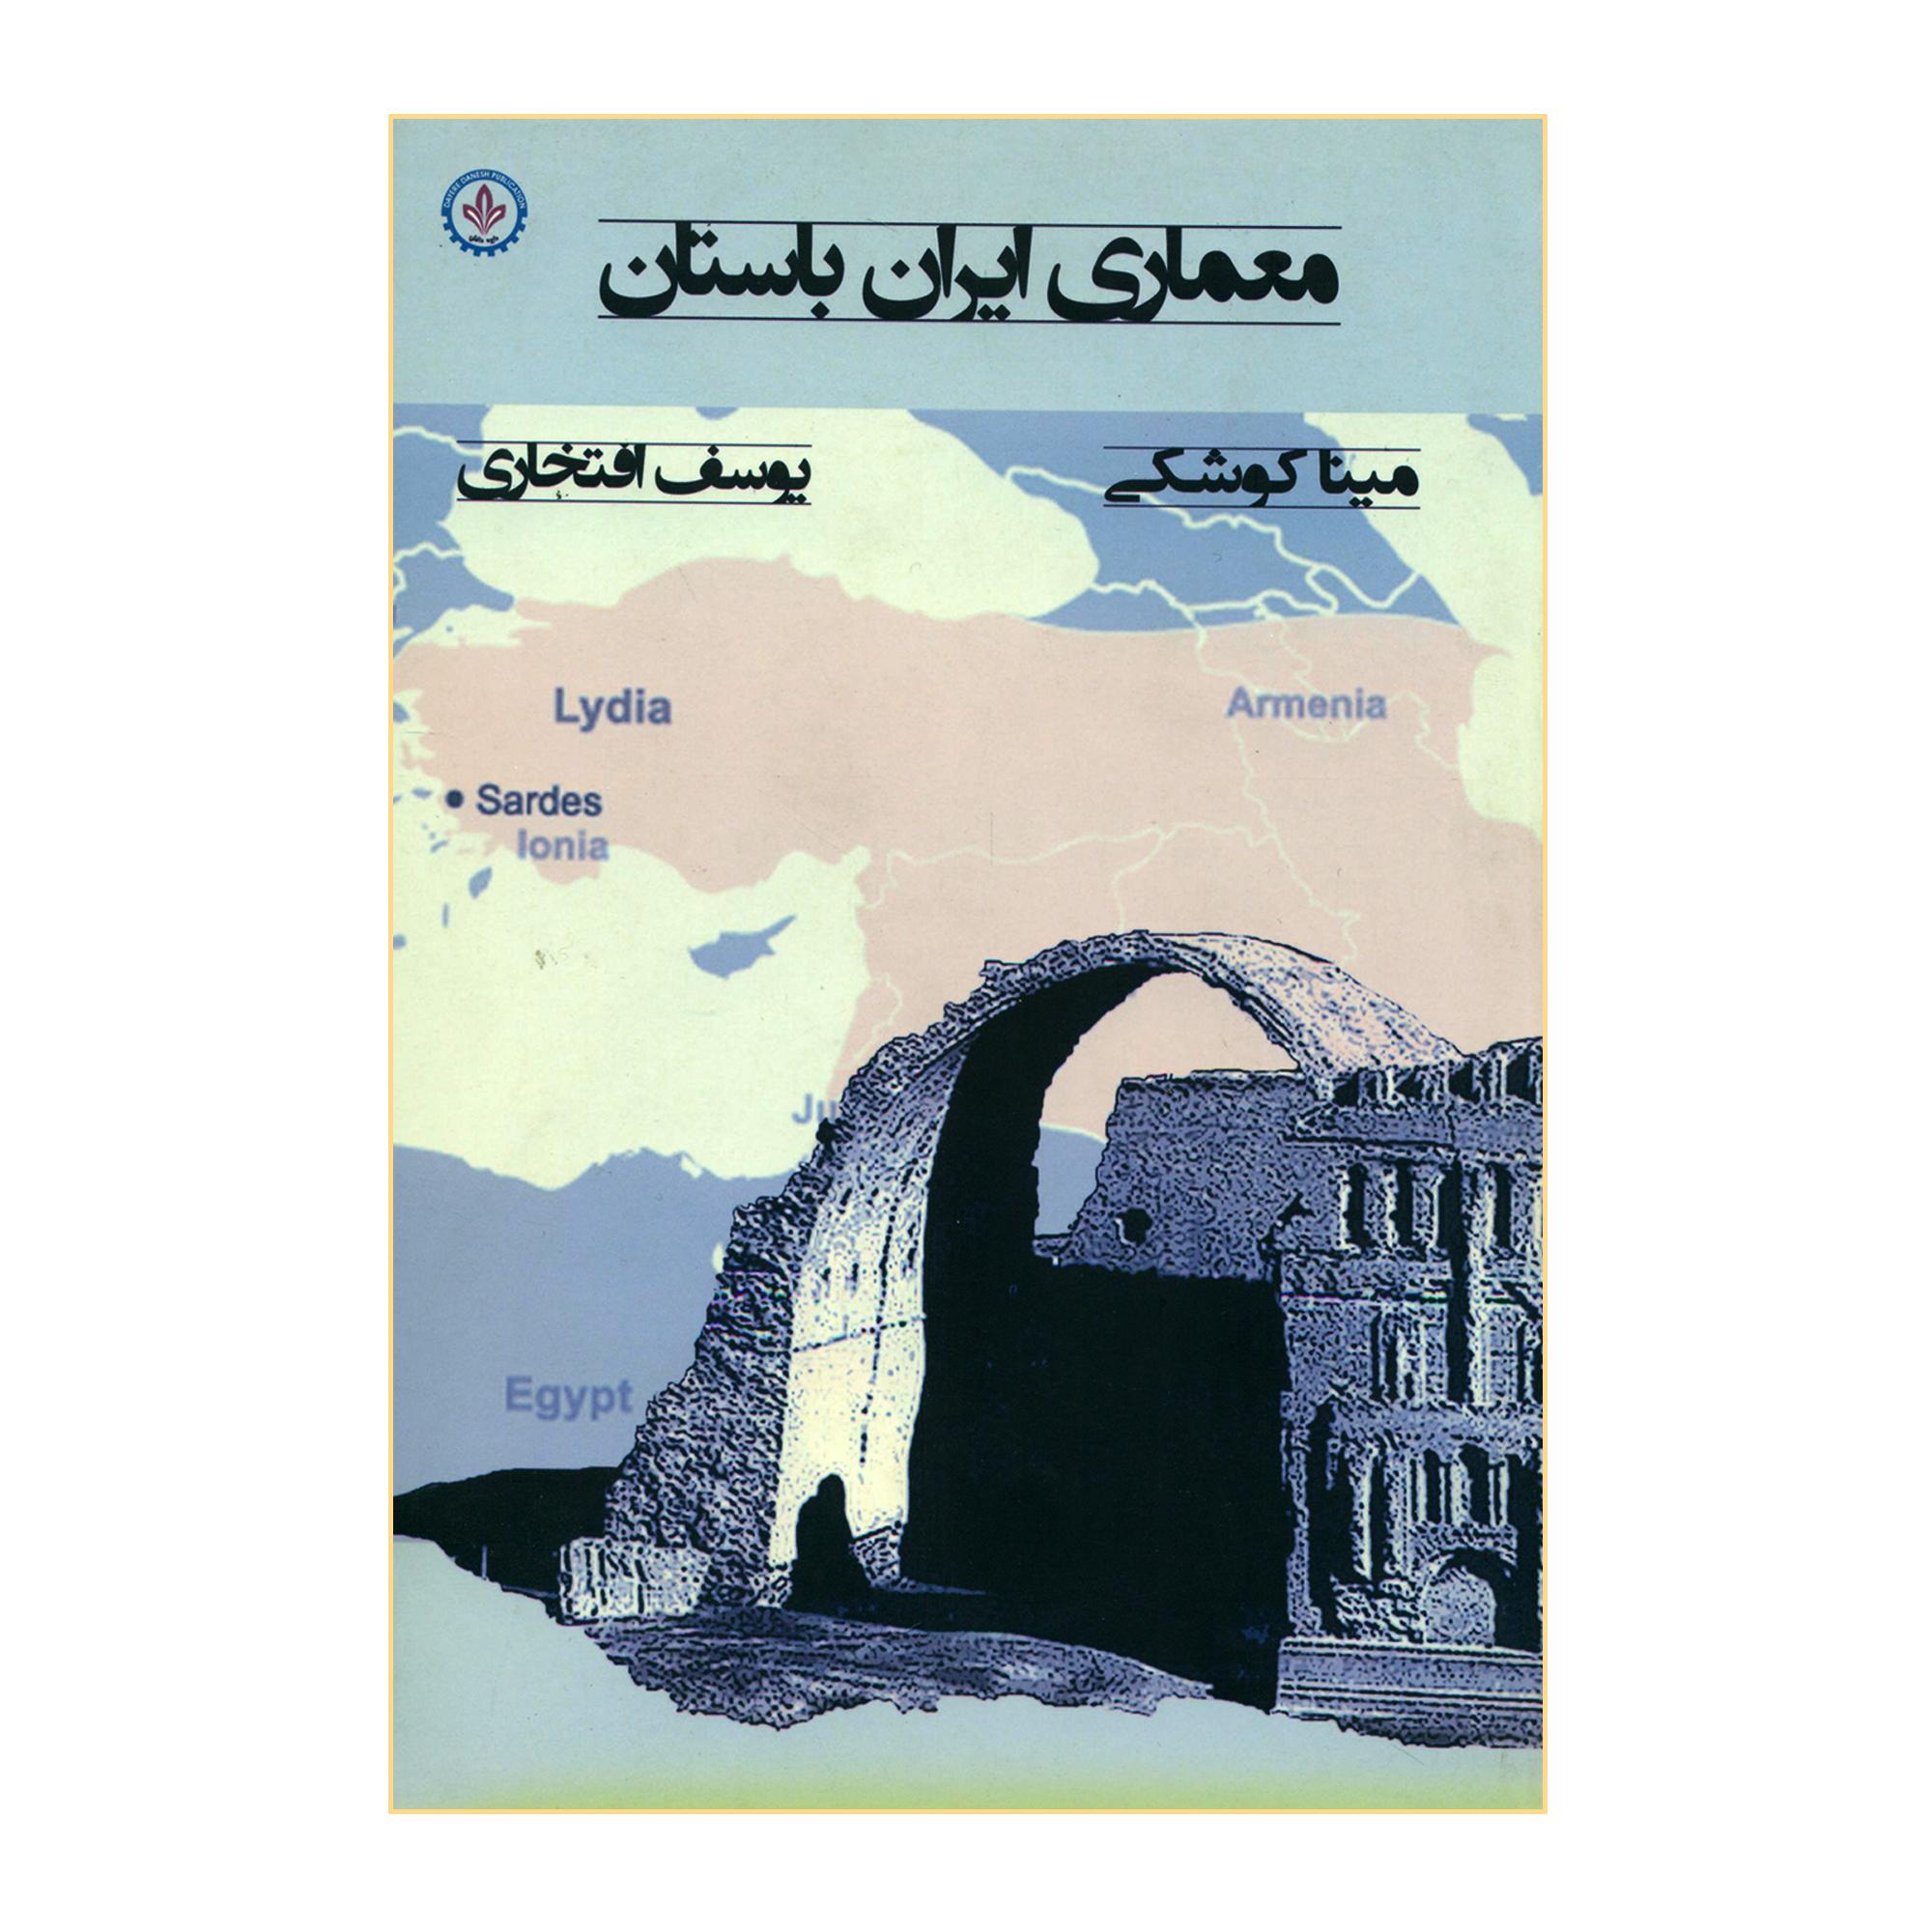 کتاب معماری ایران باستان اثر مینا کوشکی و یوسف افتخاری انتشارات دایره دانش